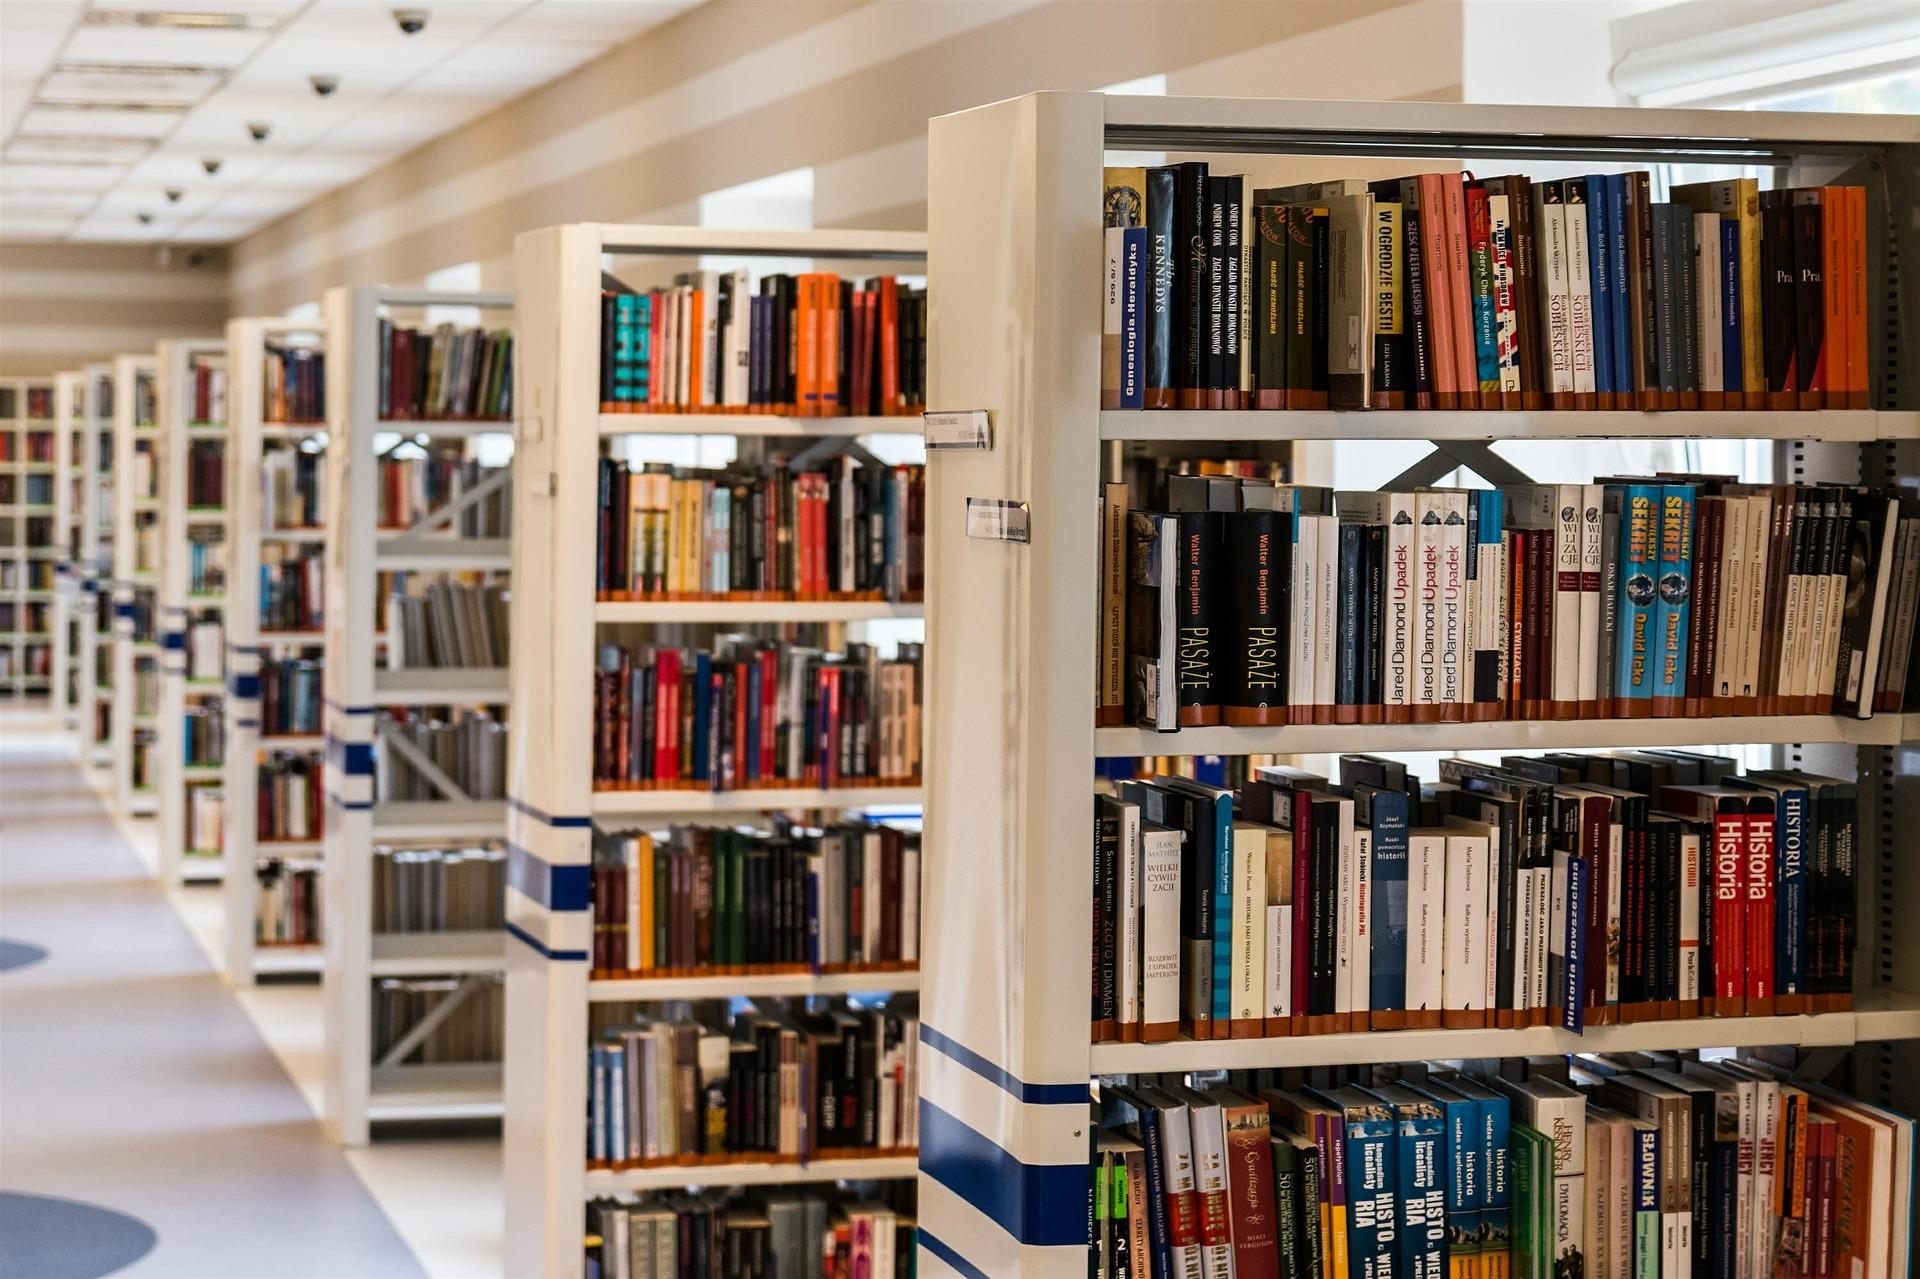 42 proc. Polaków w ostatnim roku przeczytało przynajmniej jedną książkę